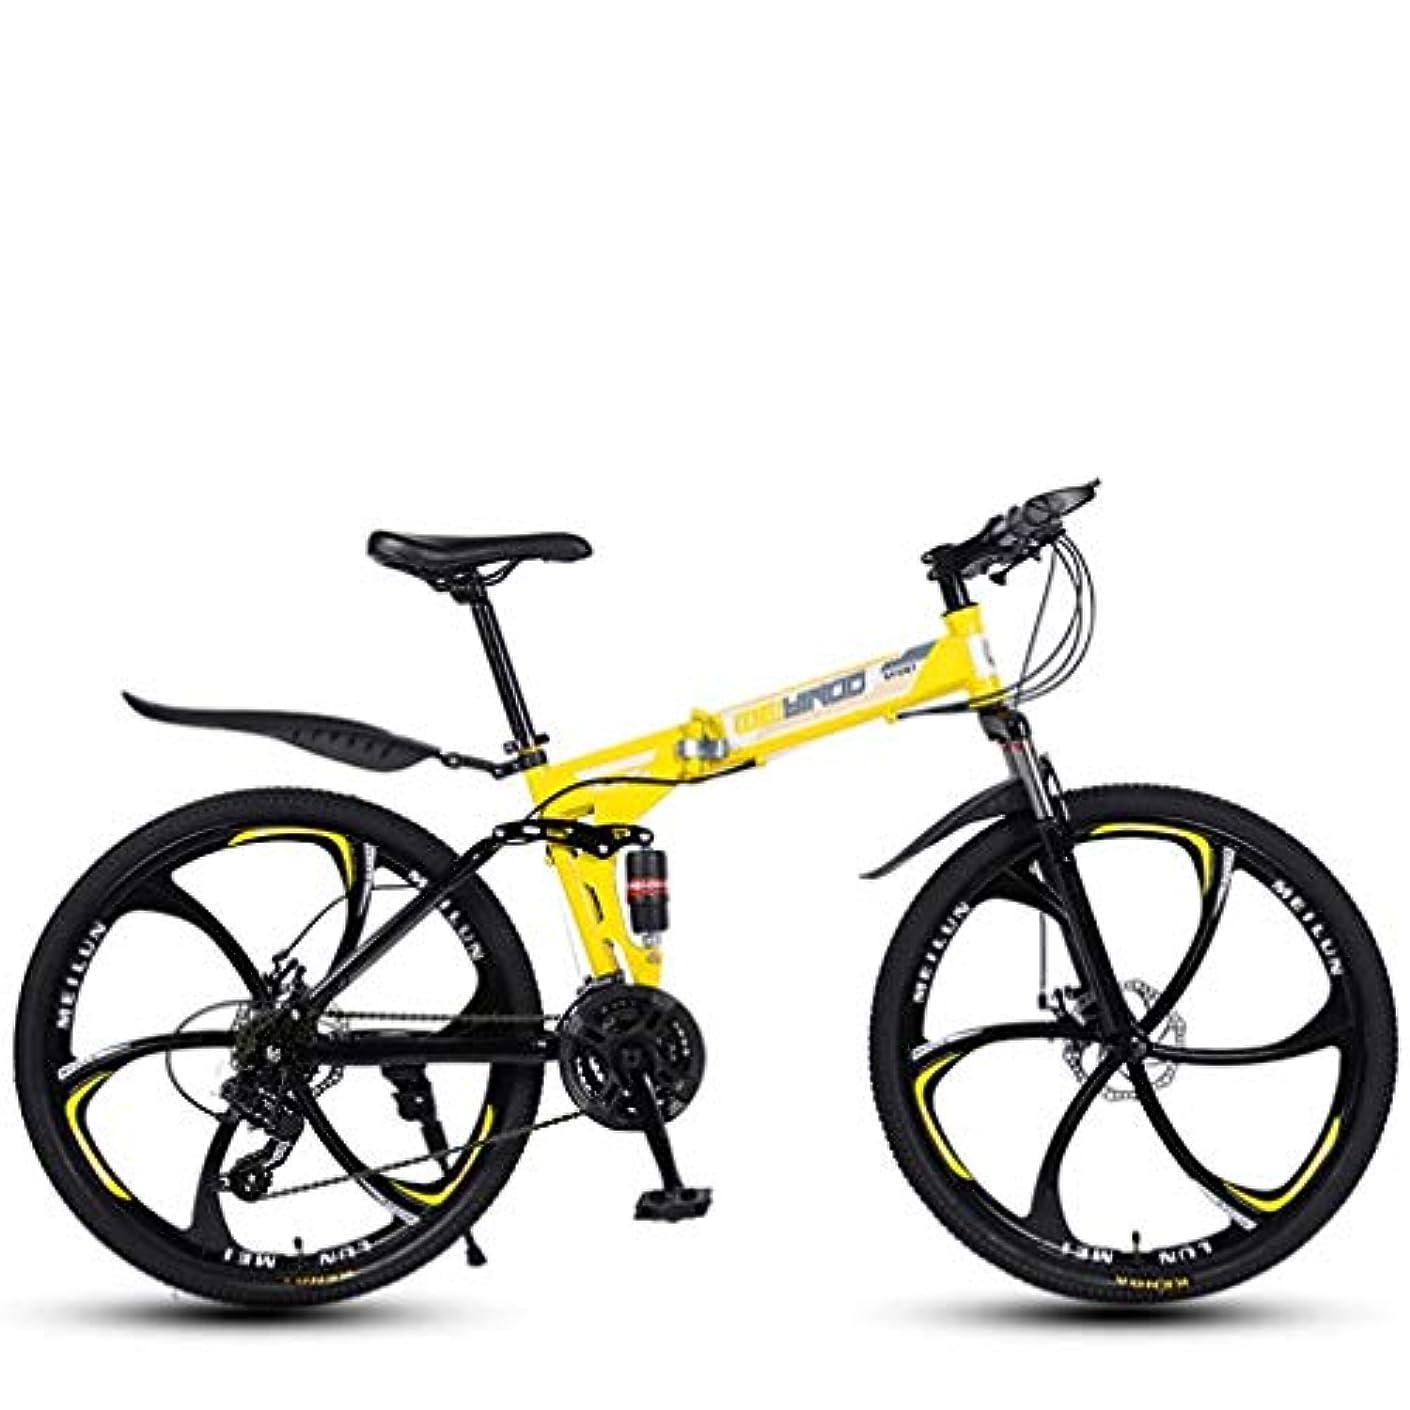 失敗哲学的大惨事26インチマウンテンバイク、ダブルディスクブレーキ/高炭素鋼フレームバイク、ビーチスノーモービル自転車、アルミ合金ホイール、ブラック、21スピード